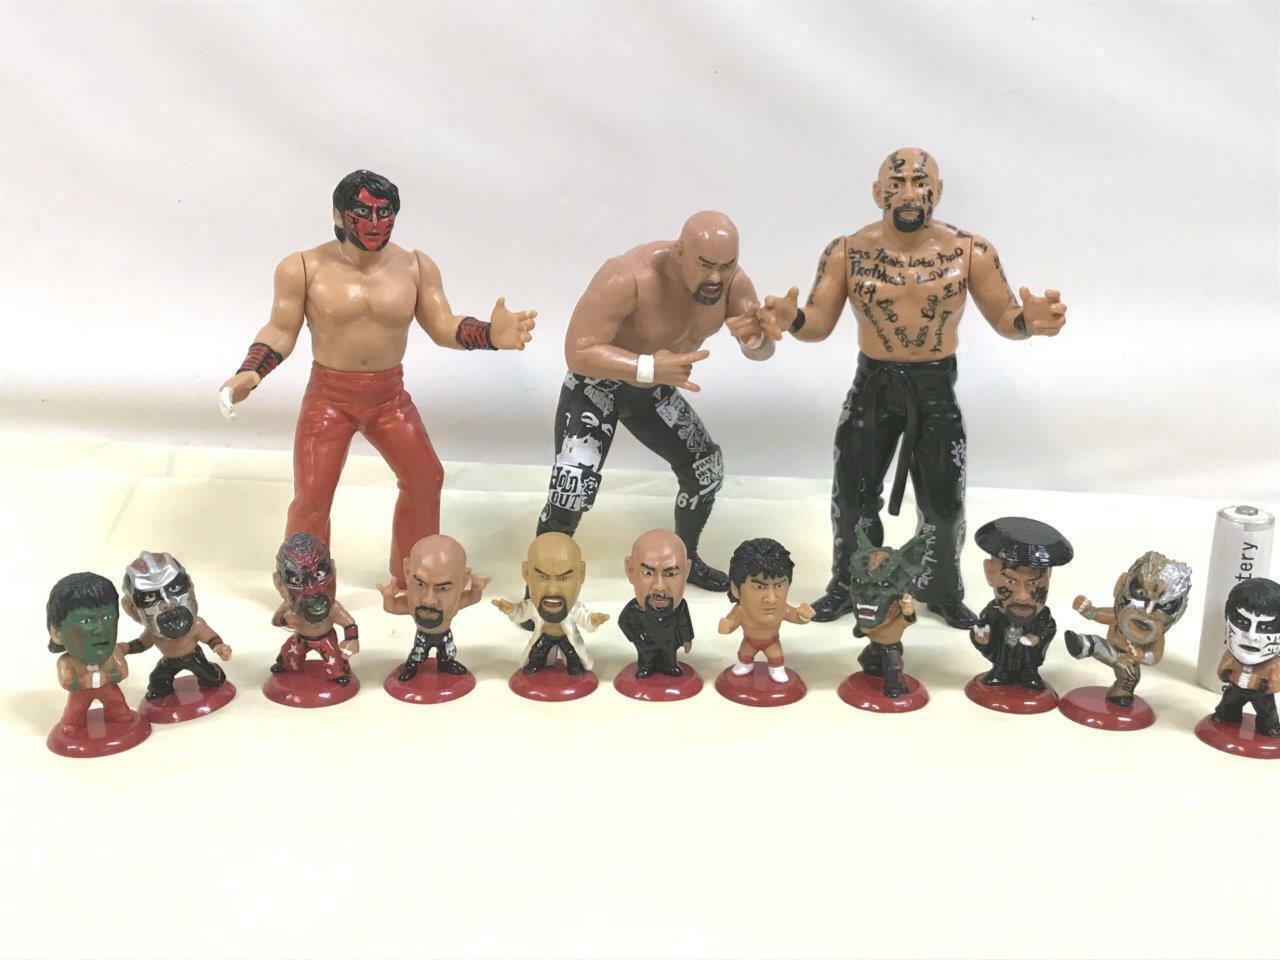 Great Muta Keiji Muto Kokushimuso PRO WRESTLING WRESTLING WRESTLING FIGURE SET WCW NJPW AJPW fee664